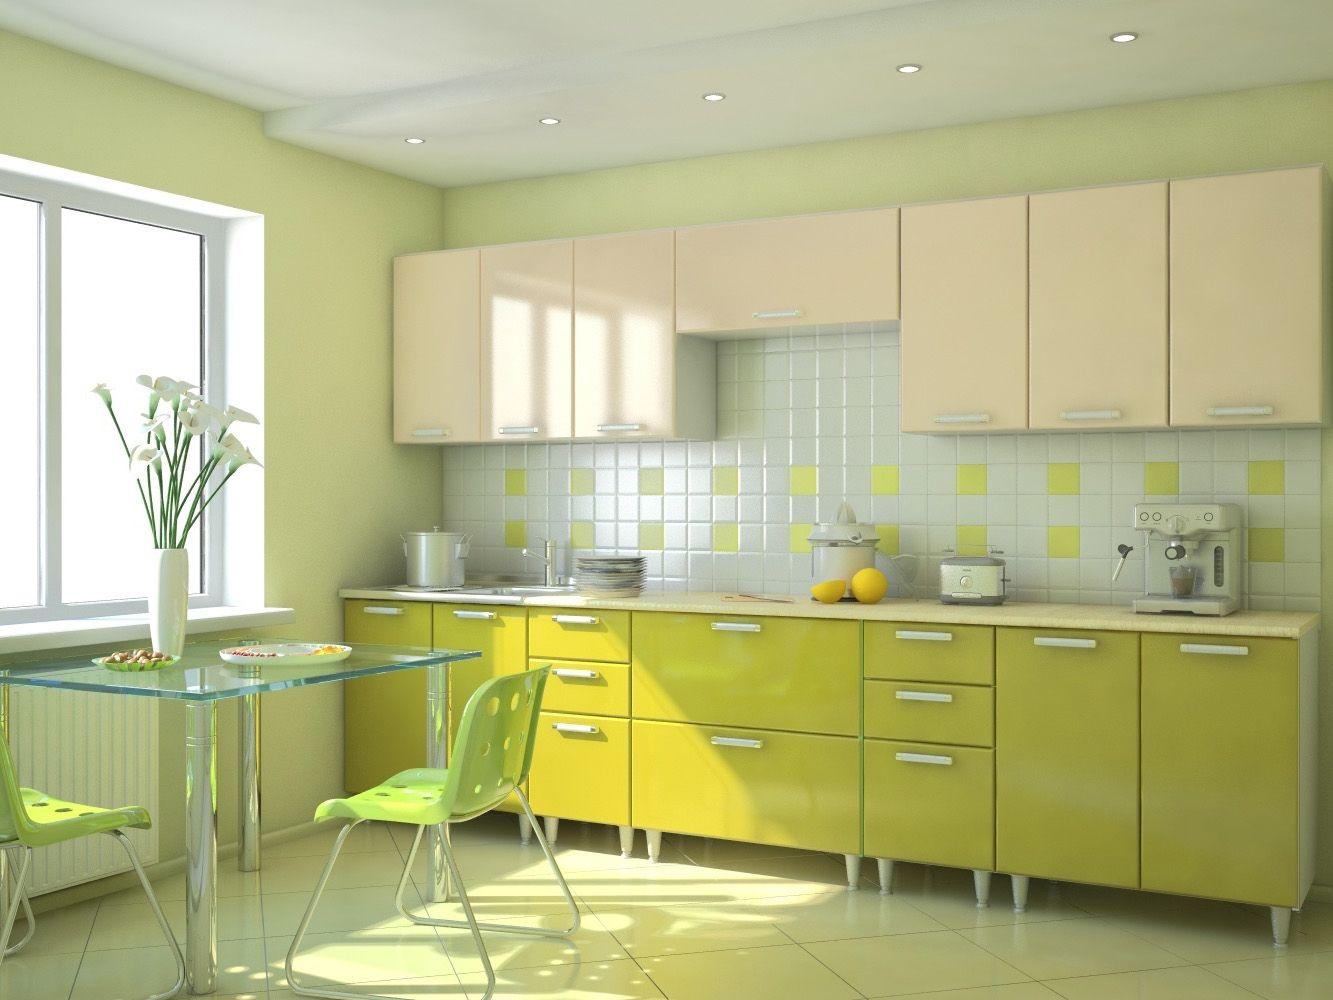 Фото дизайна кухонь в фисташковом цвете